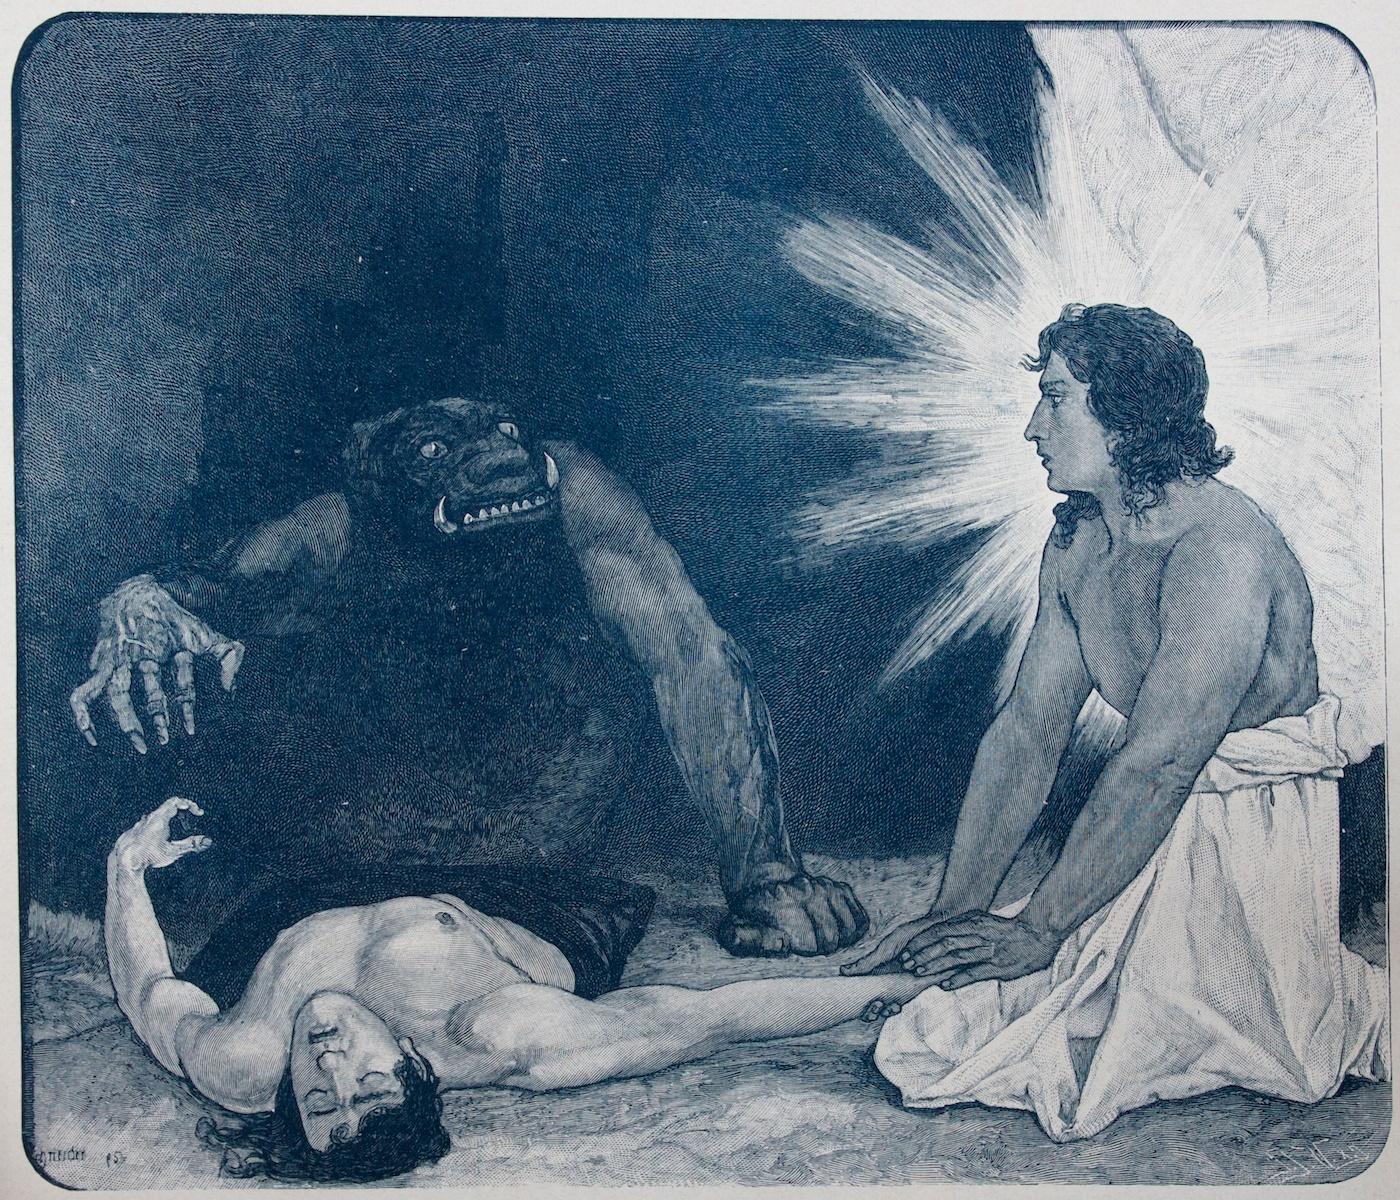 Sascha Schneider - Around a Soul - Wood engraving - 1895